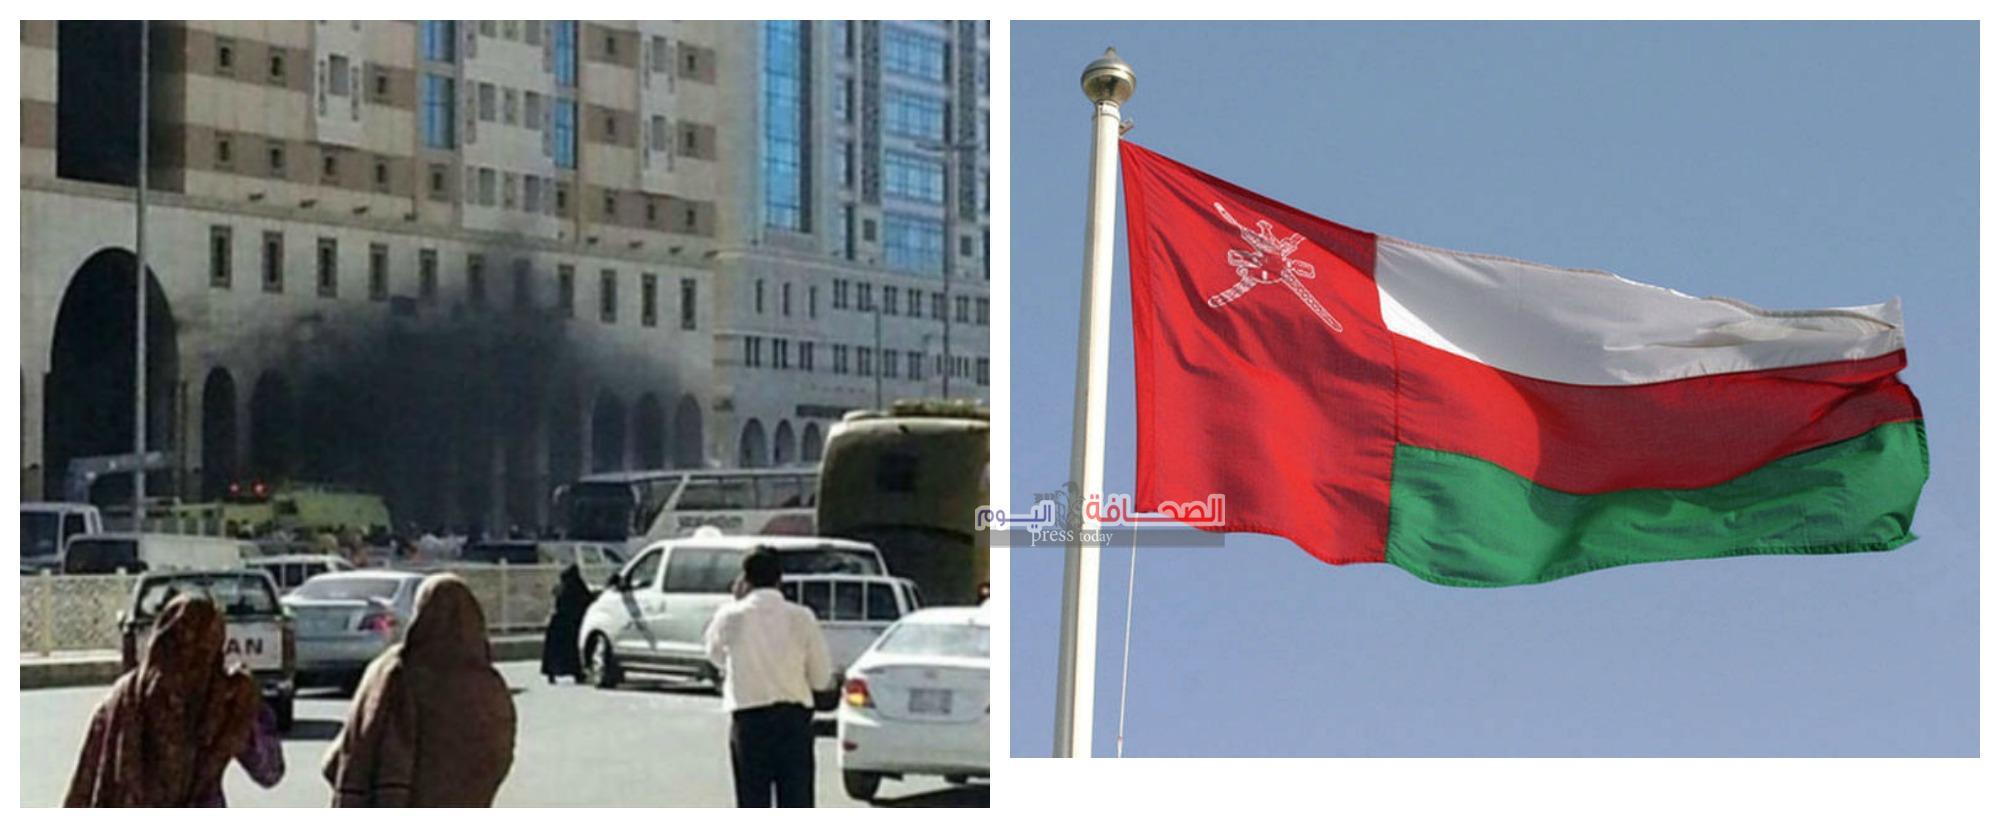 سلطنه عمان تدين تفجير المدينة المنورة وتؤكد تضامنها مع المملكه